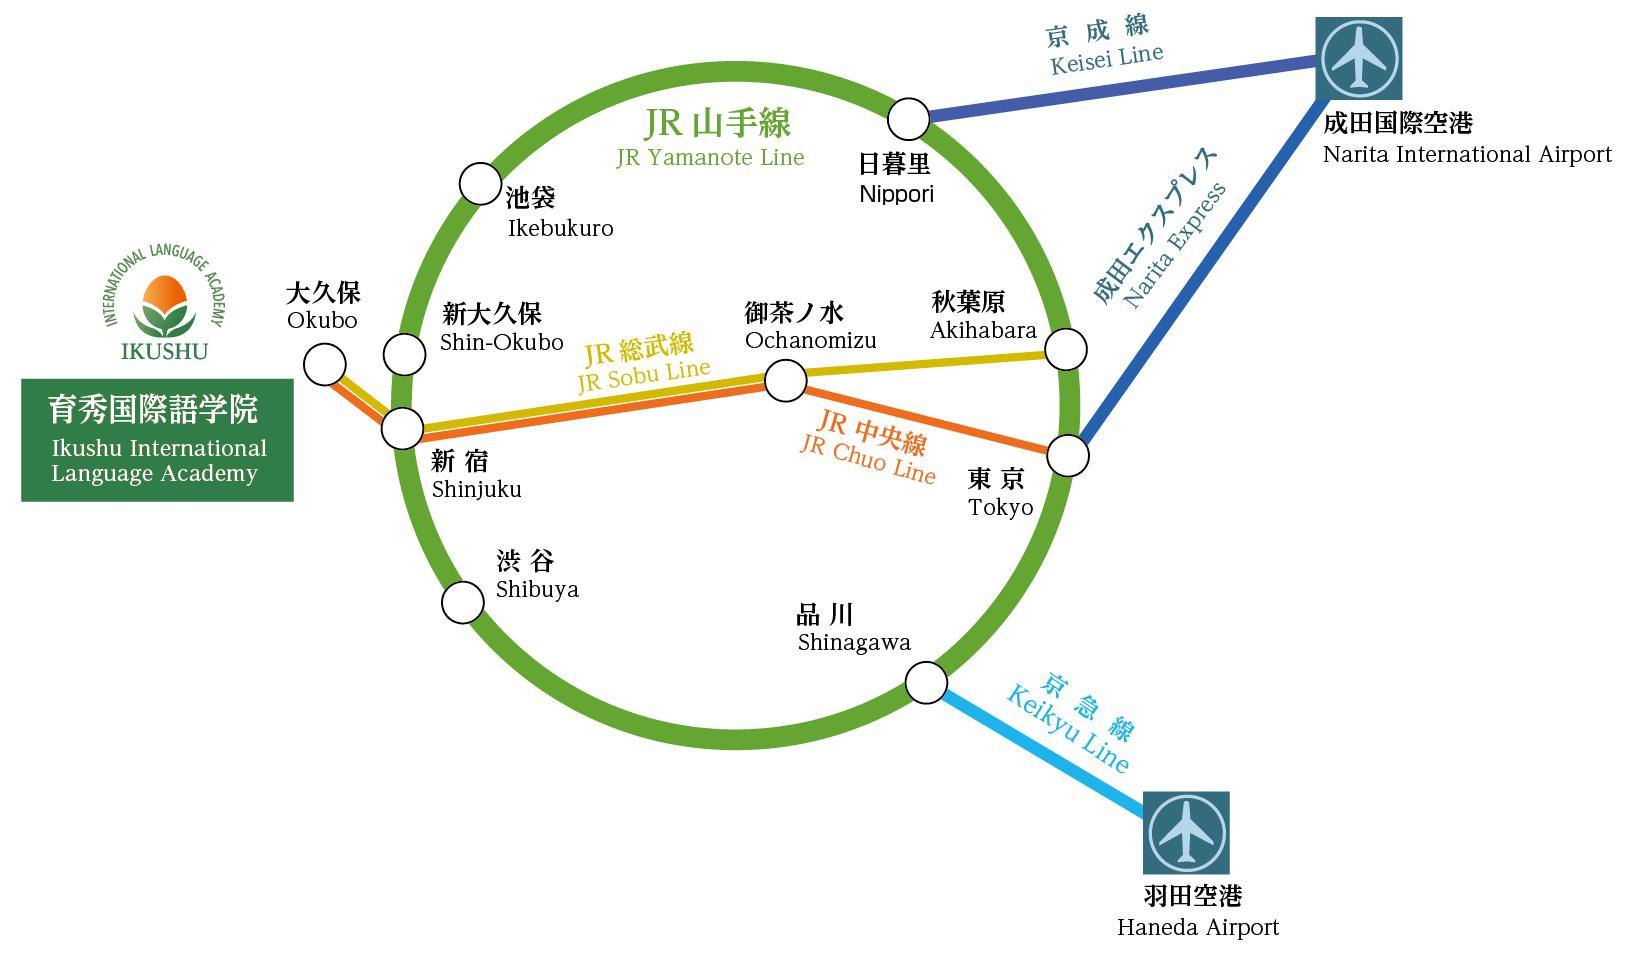 空港からの路線図